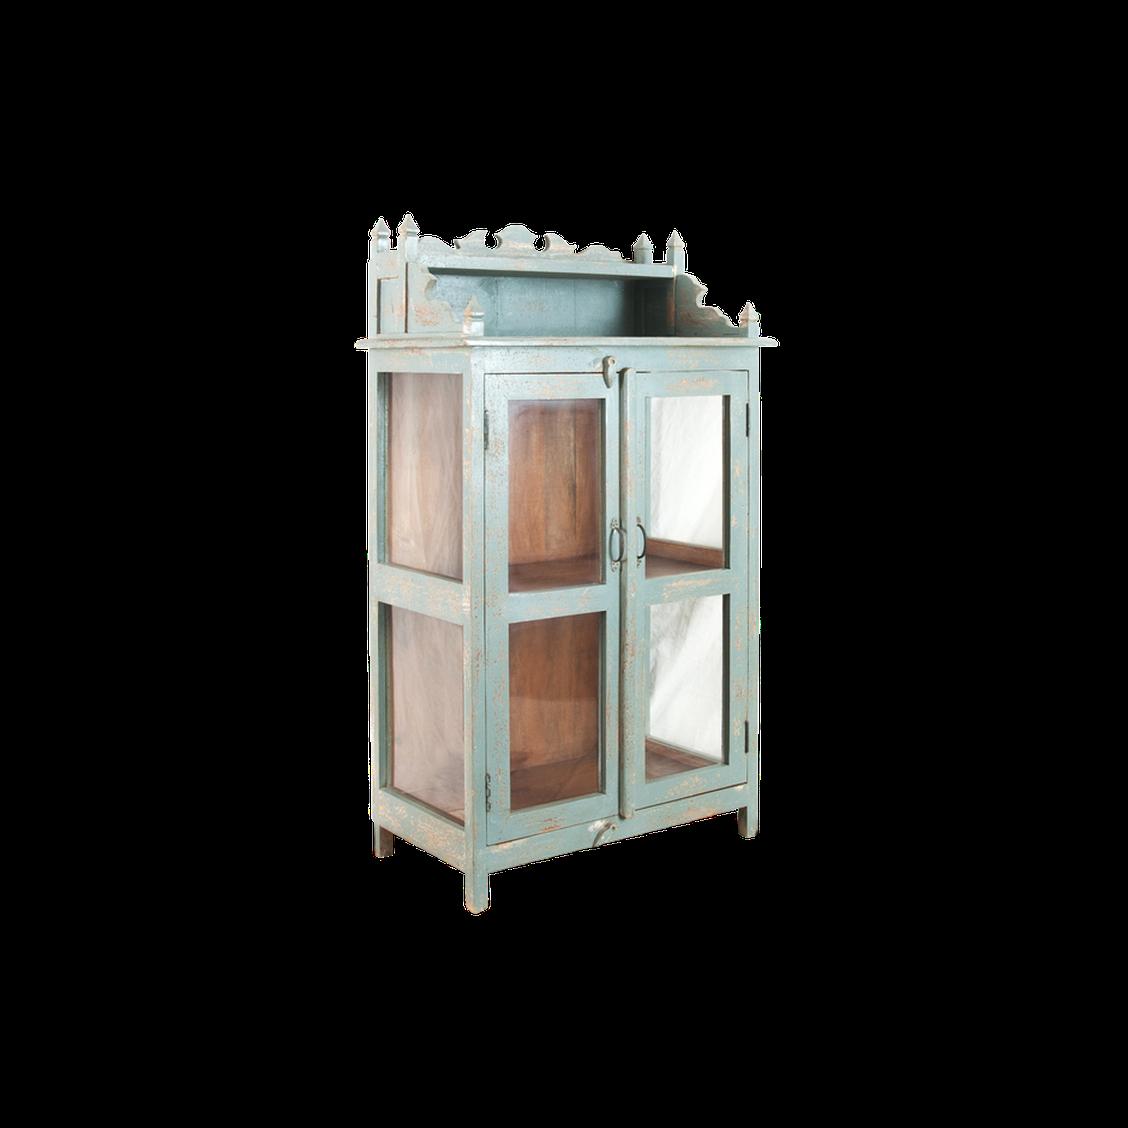 kleine vitrine gebraucht kaufen